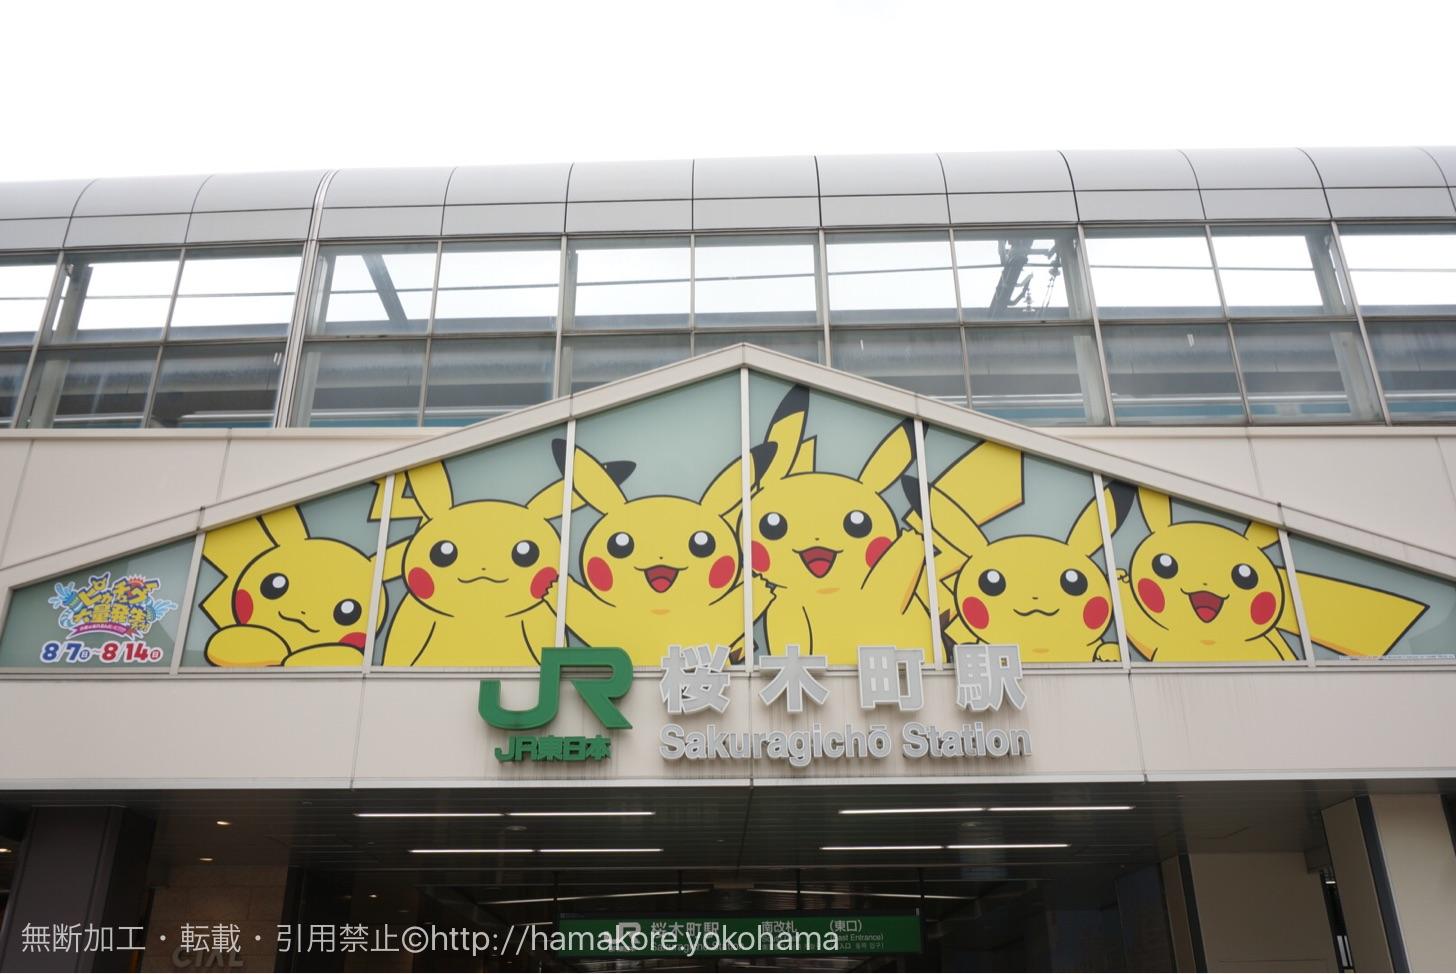 桜木町駅の出入り口に描かれたピカチュウ